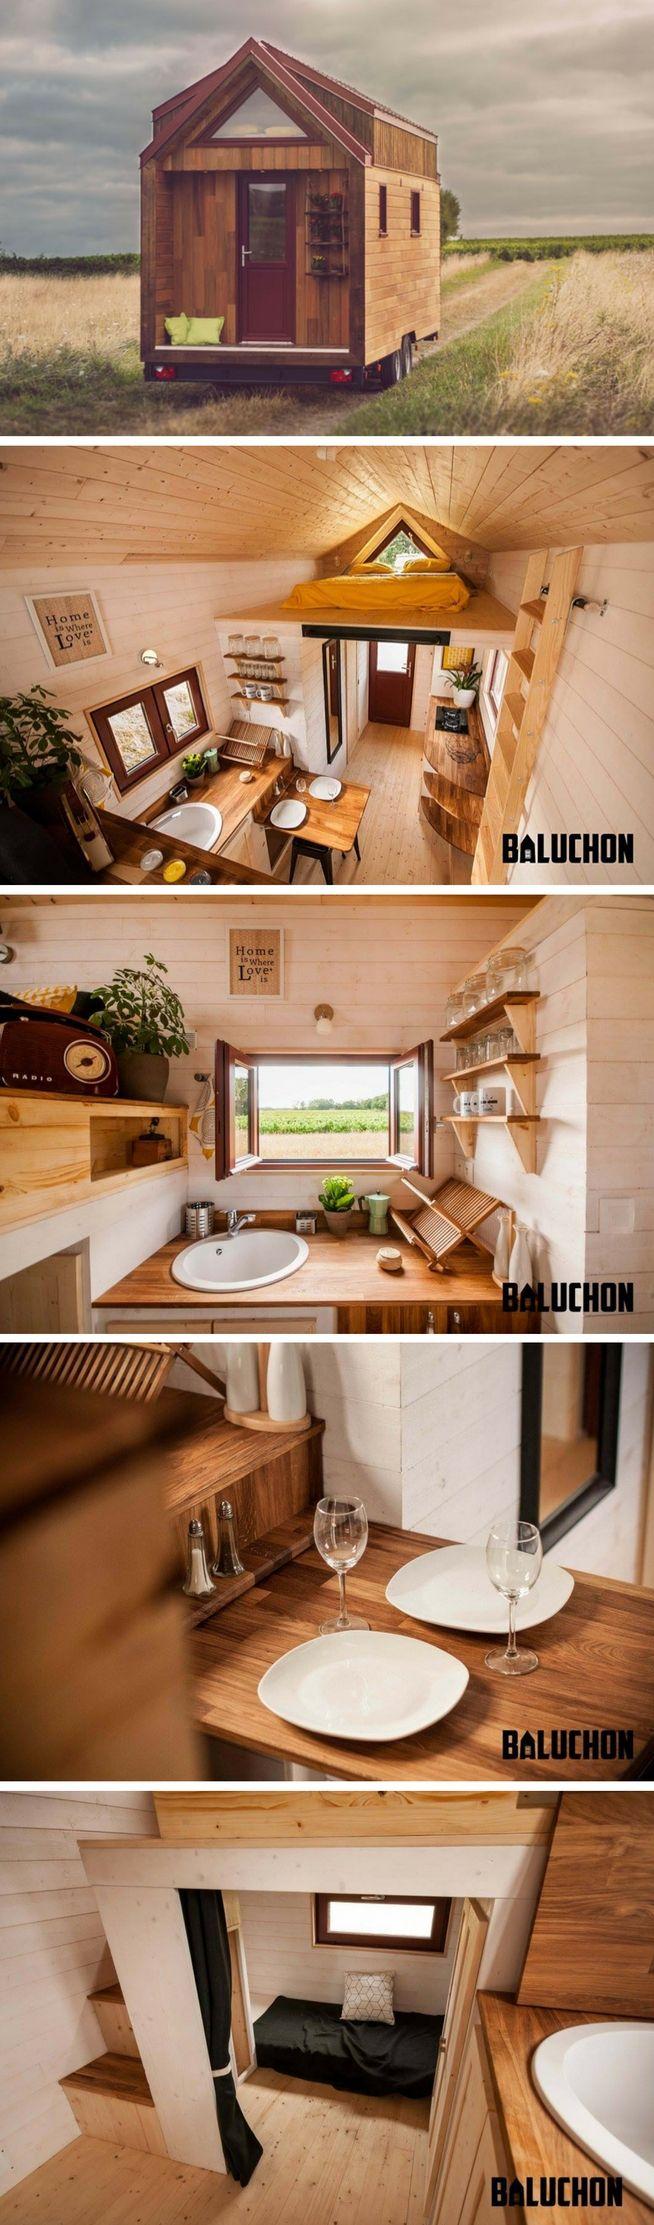 the odyssey tiny house from baluchon verschiedenes das mir gef llt pinterest kleines. Black Bedroom Furniture Sets. Home Design Ideas